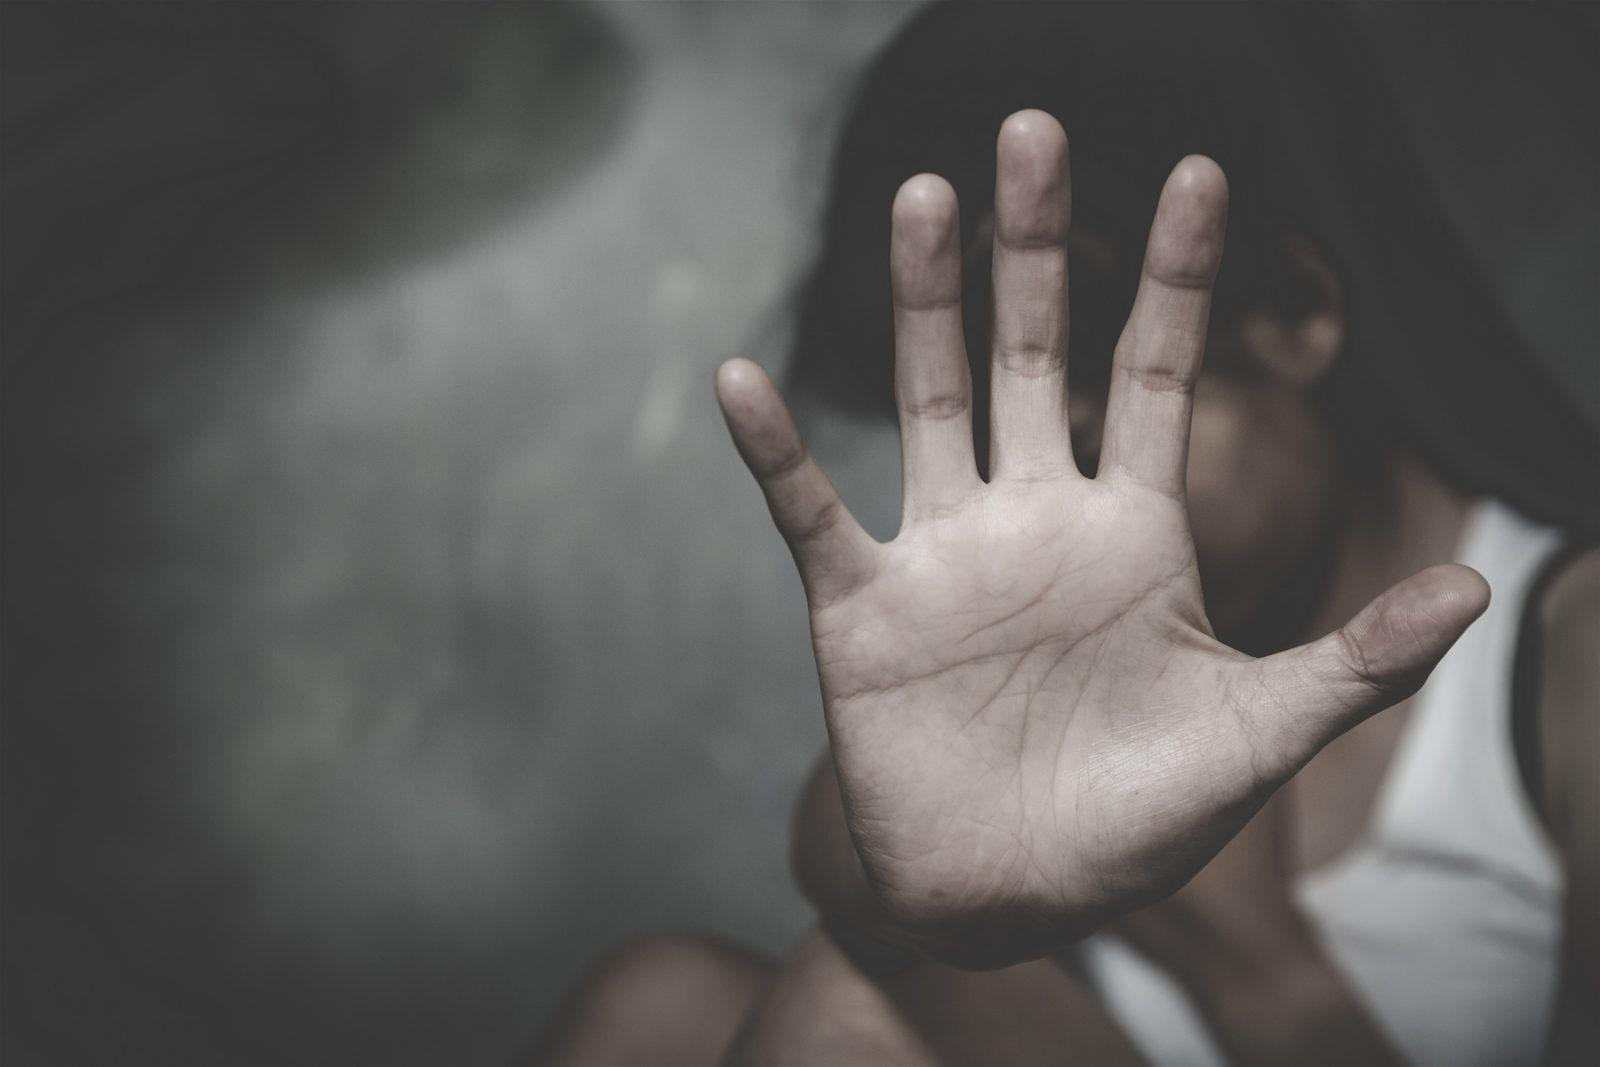 παγκόσμια ημέρα κατά της γυναικείας βίας